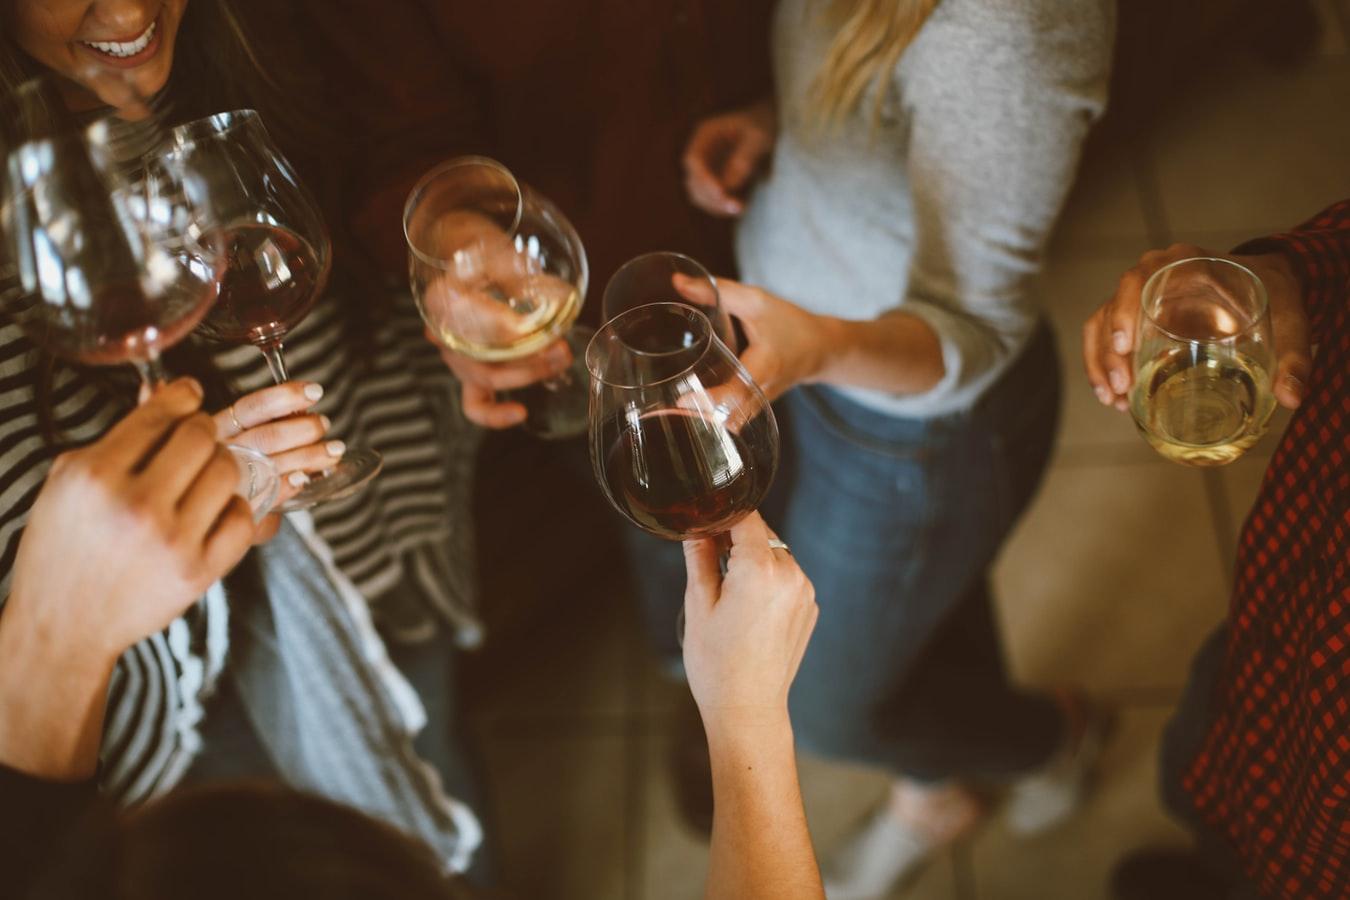 Pessoas reunidas tomando vinho